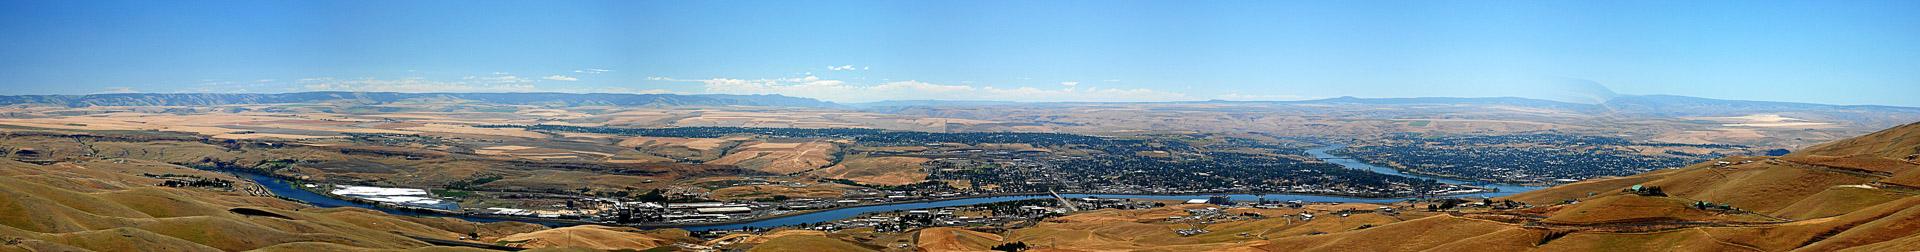 Blick auf Lewiston im Tal des Clearwater River. (Pano-Software von 2006 ;-)